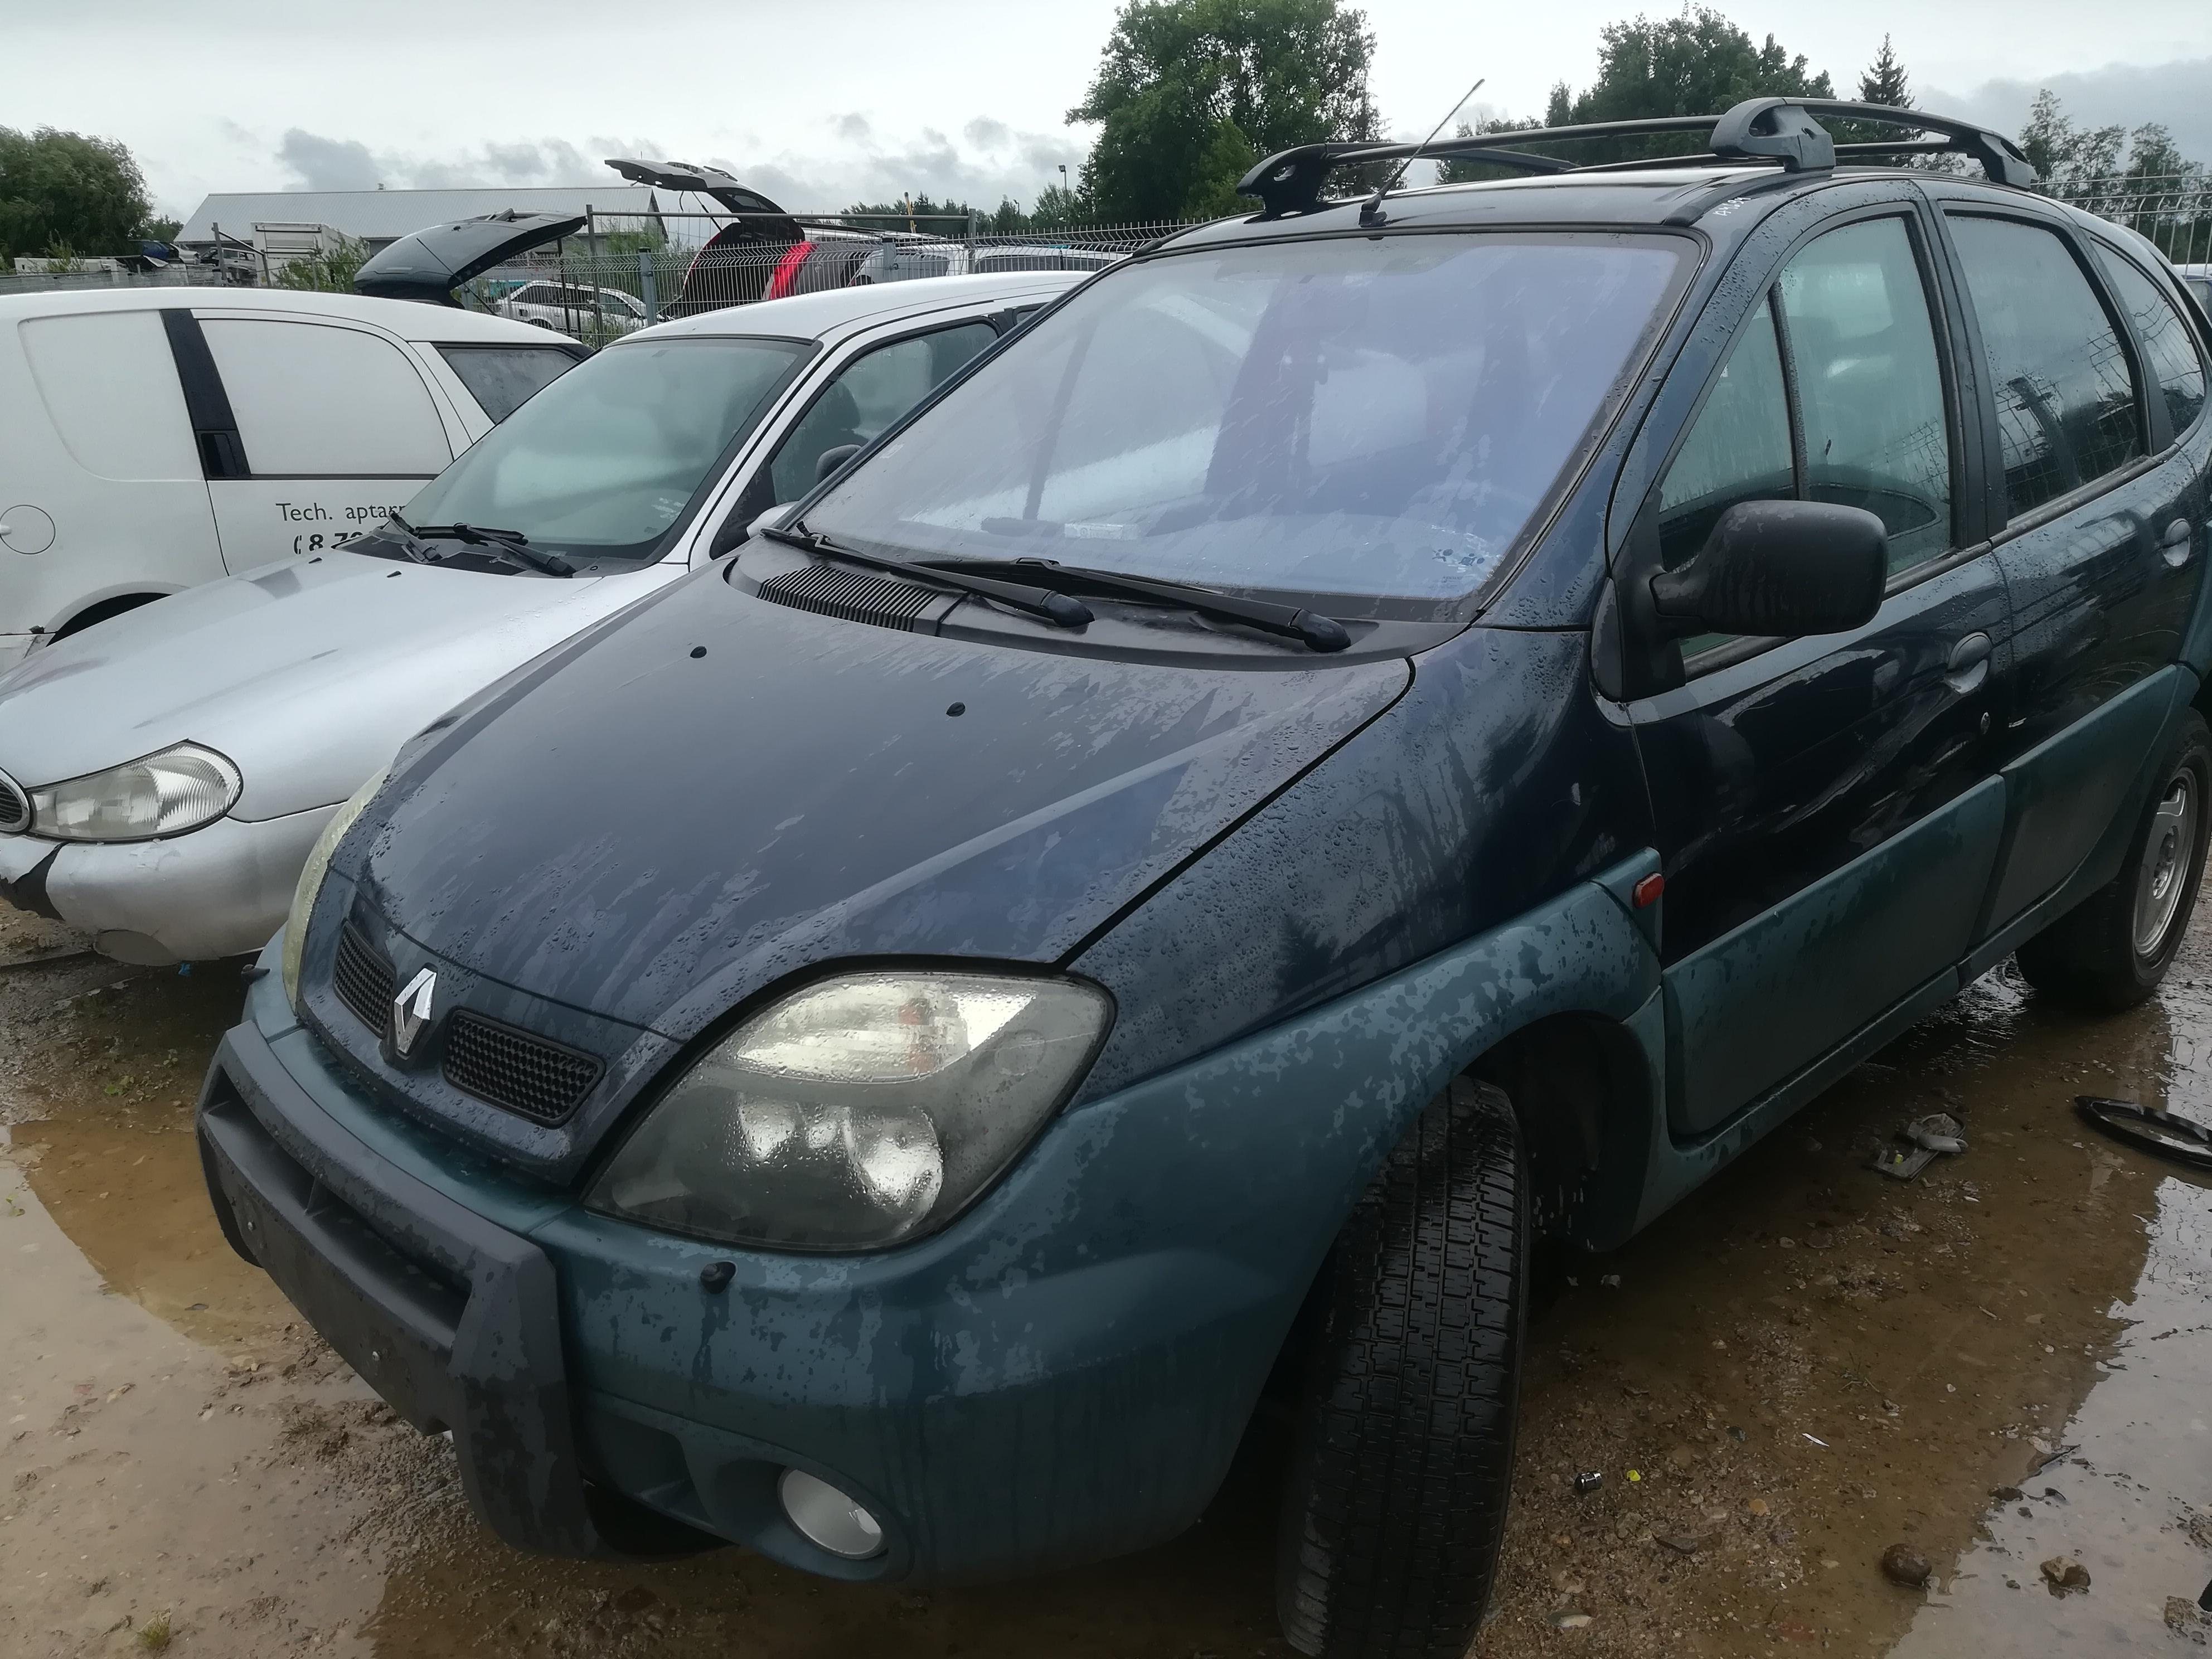 Подержанные Автозапчасти Renault SCENIC 2000 2.0 машиностроение минивэн 4/5 d. зеленый 2019-8-07